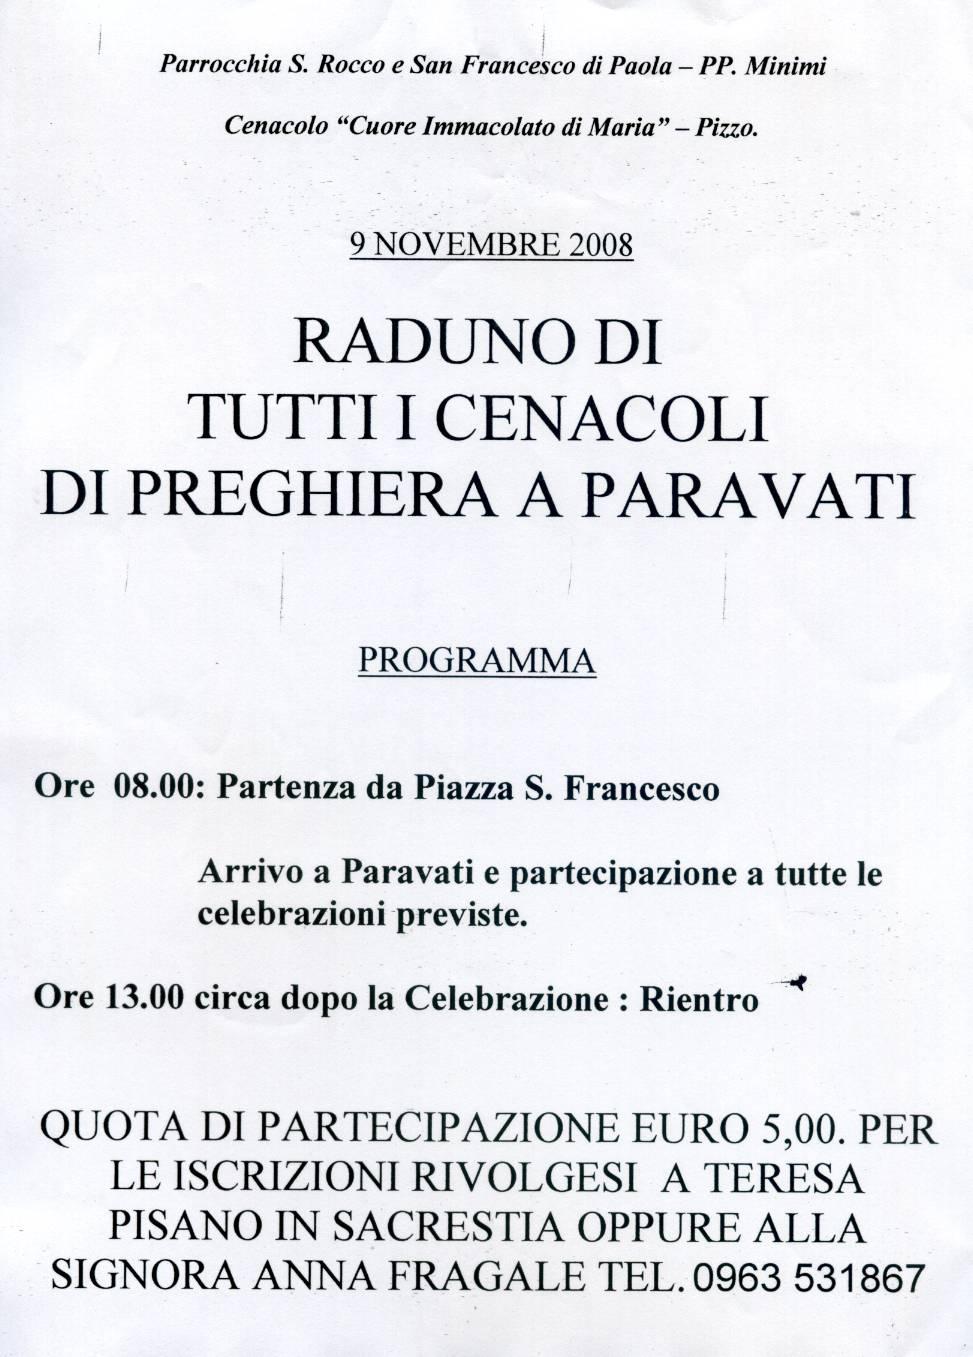 RADUNO GENERALE CANACOLI DI PREGHIERA